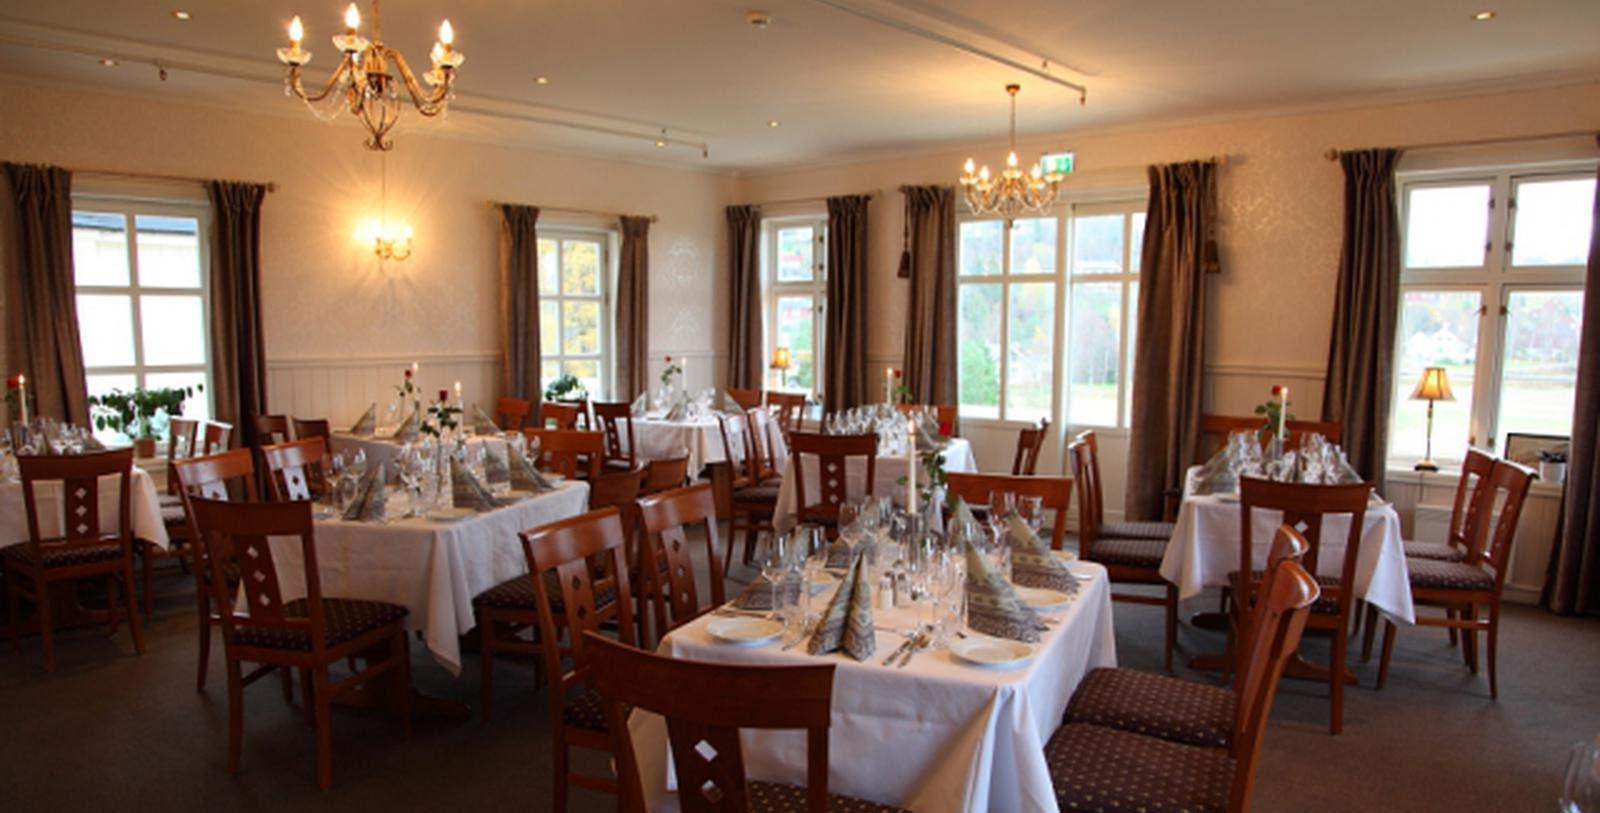 Image of Dining Room at Selbusjoen Hotel & Gjestegard, 1850, Member of Historic Hotels Worldwide, in Selbu, Norway, Taste